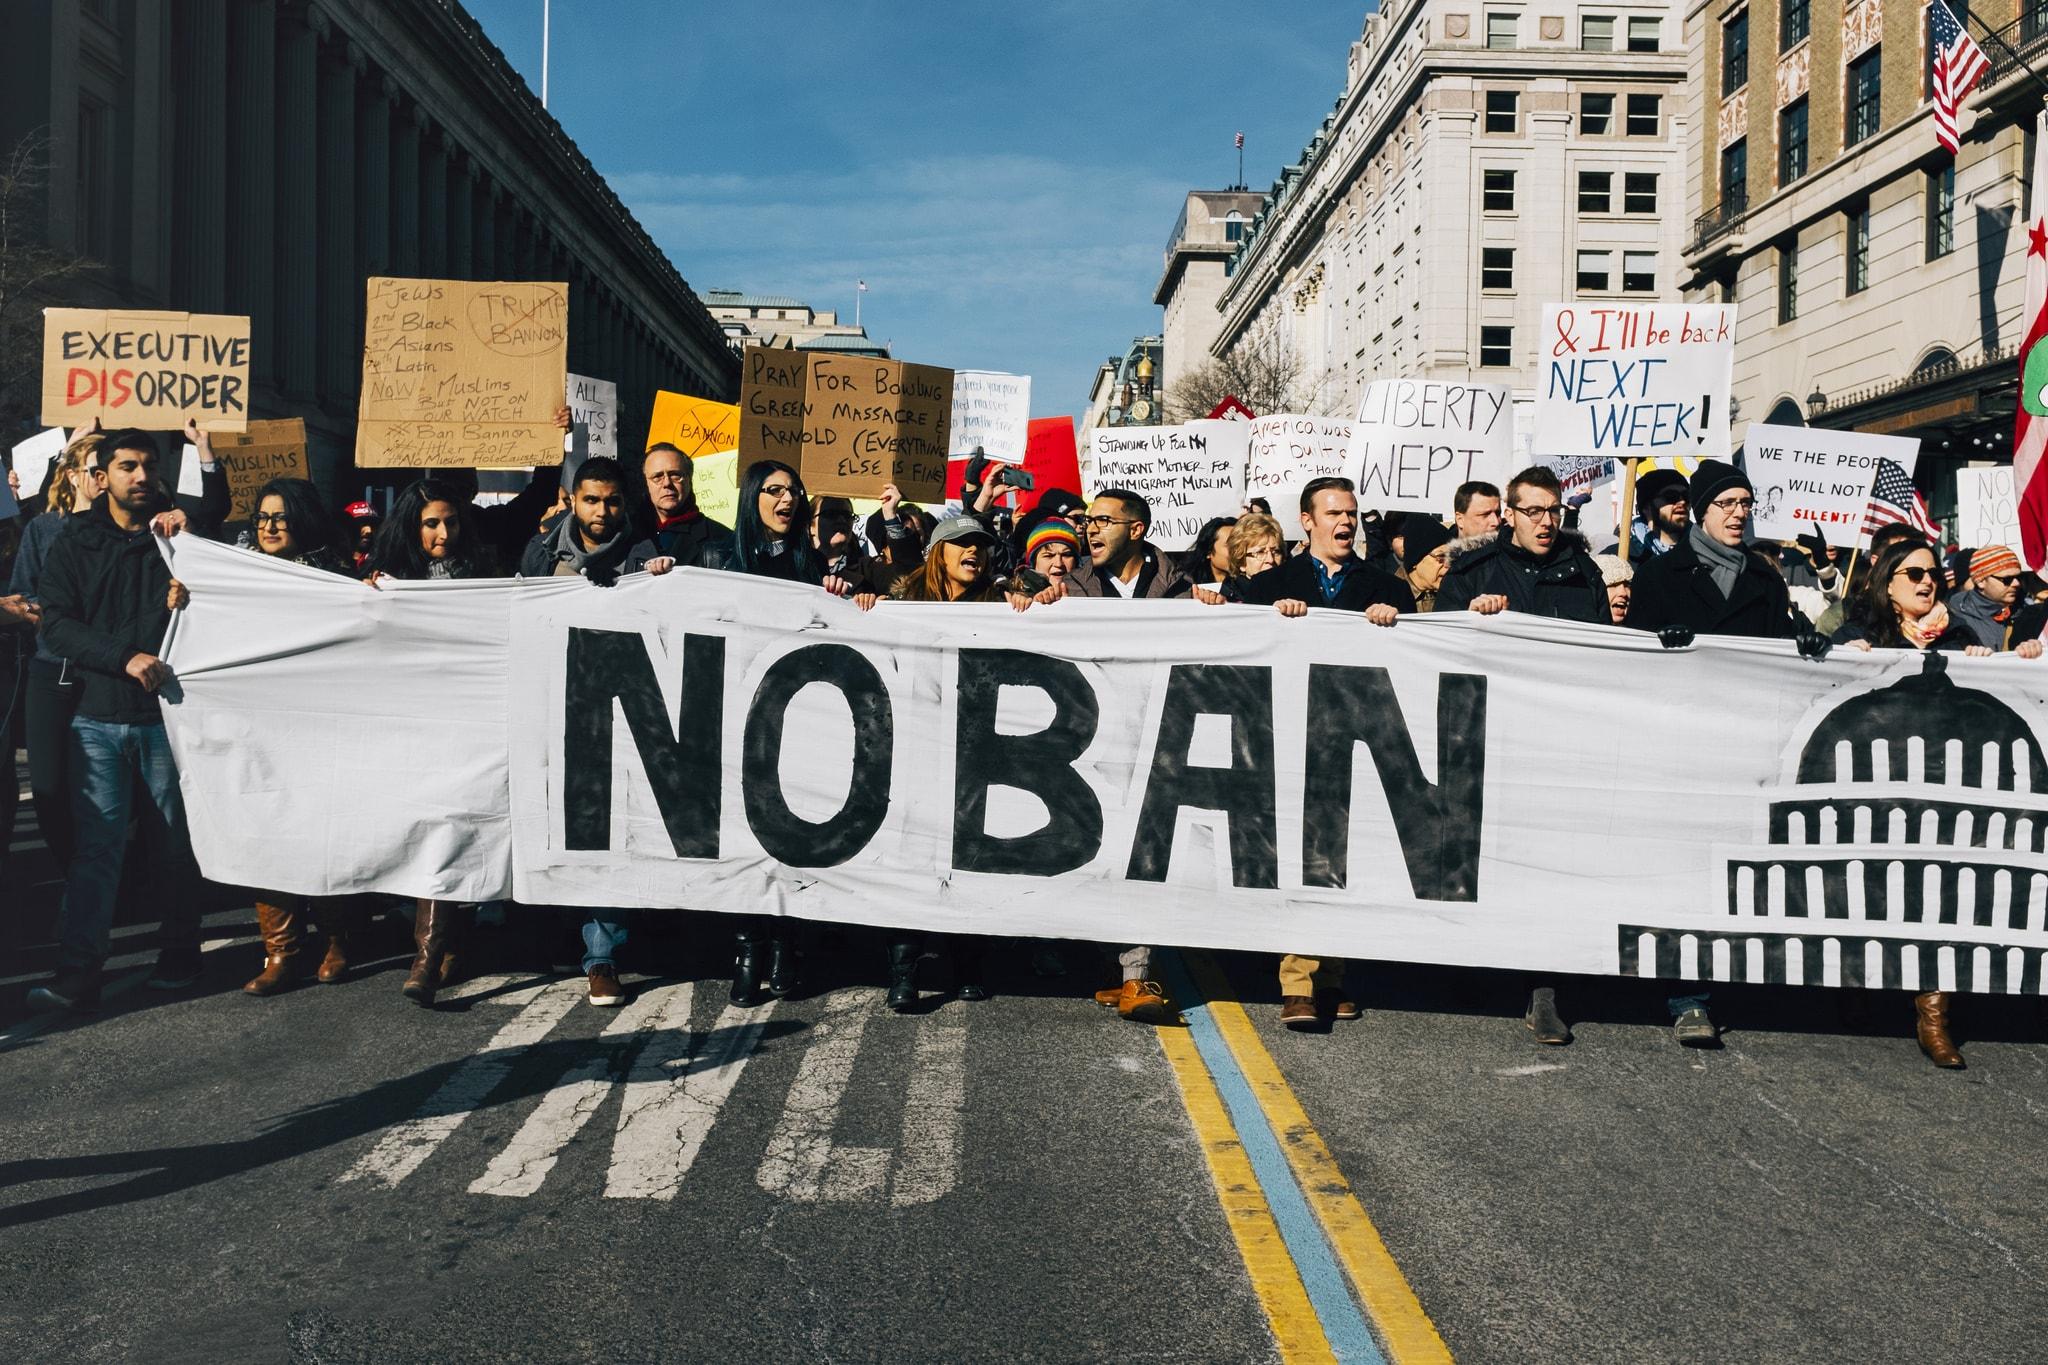 Ban protest | © Masha George/Flickr